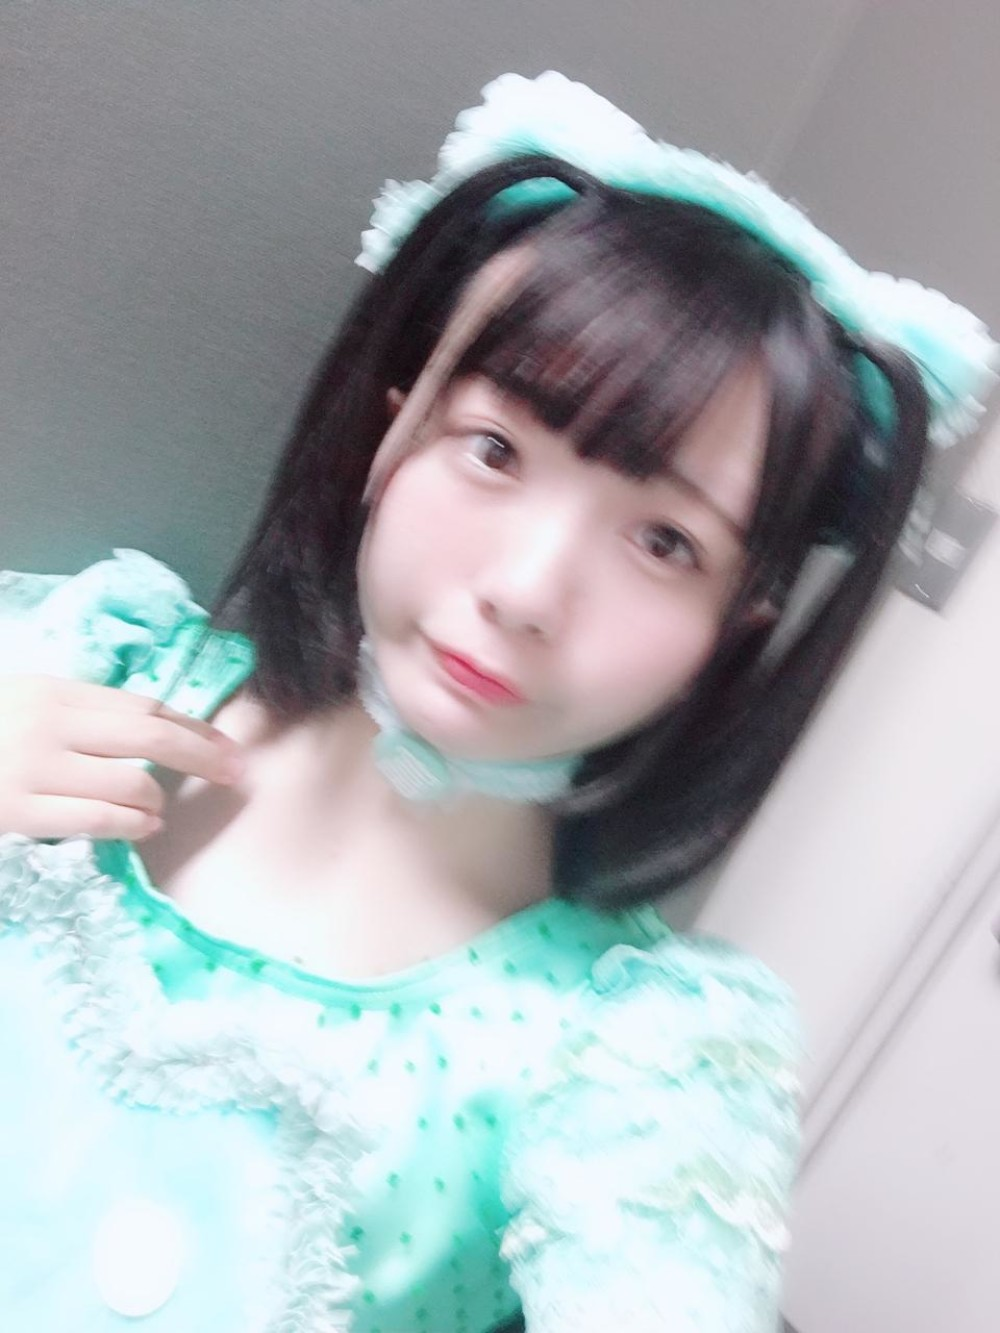 はるな@ピコ☆レボ( )